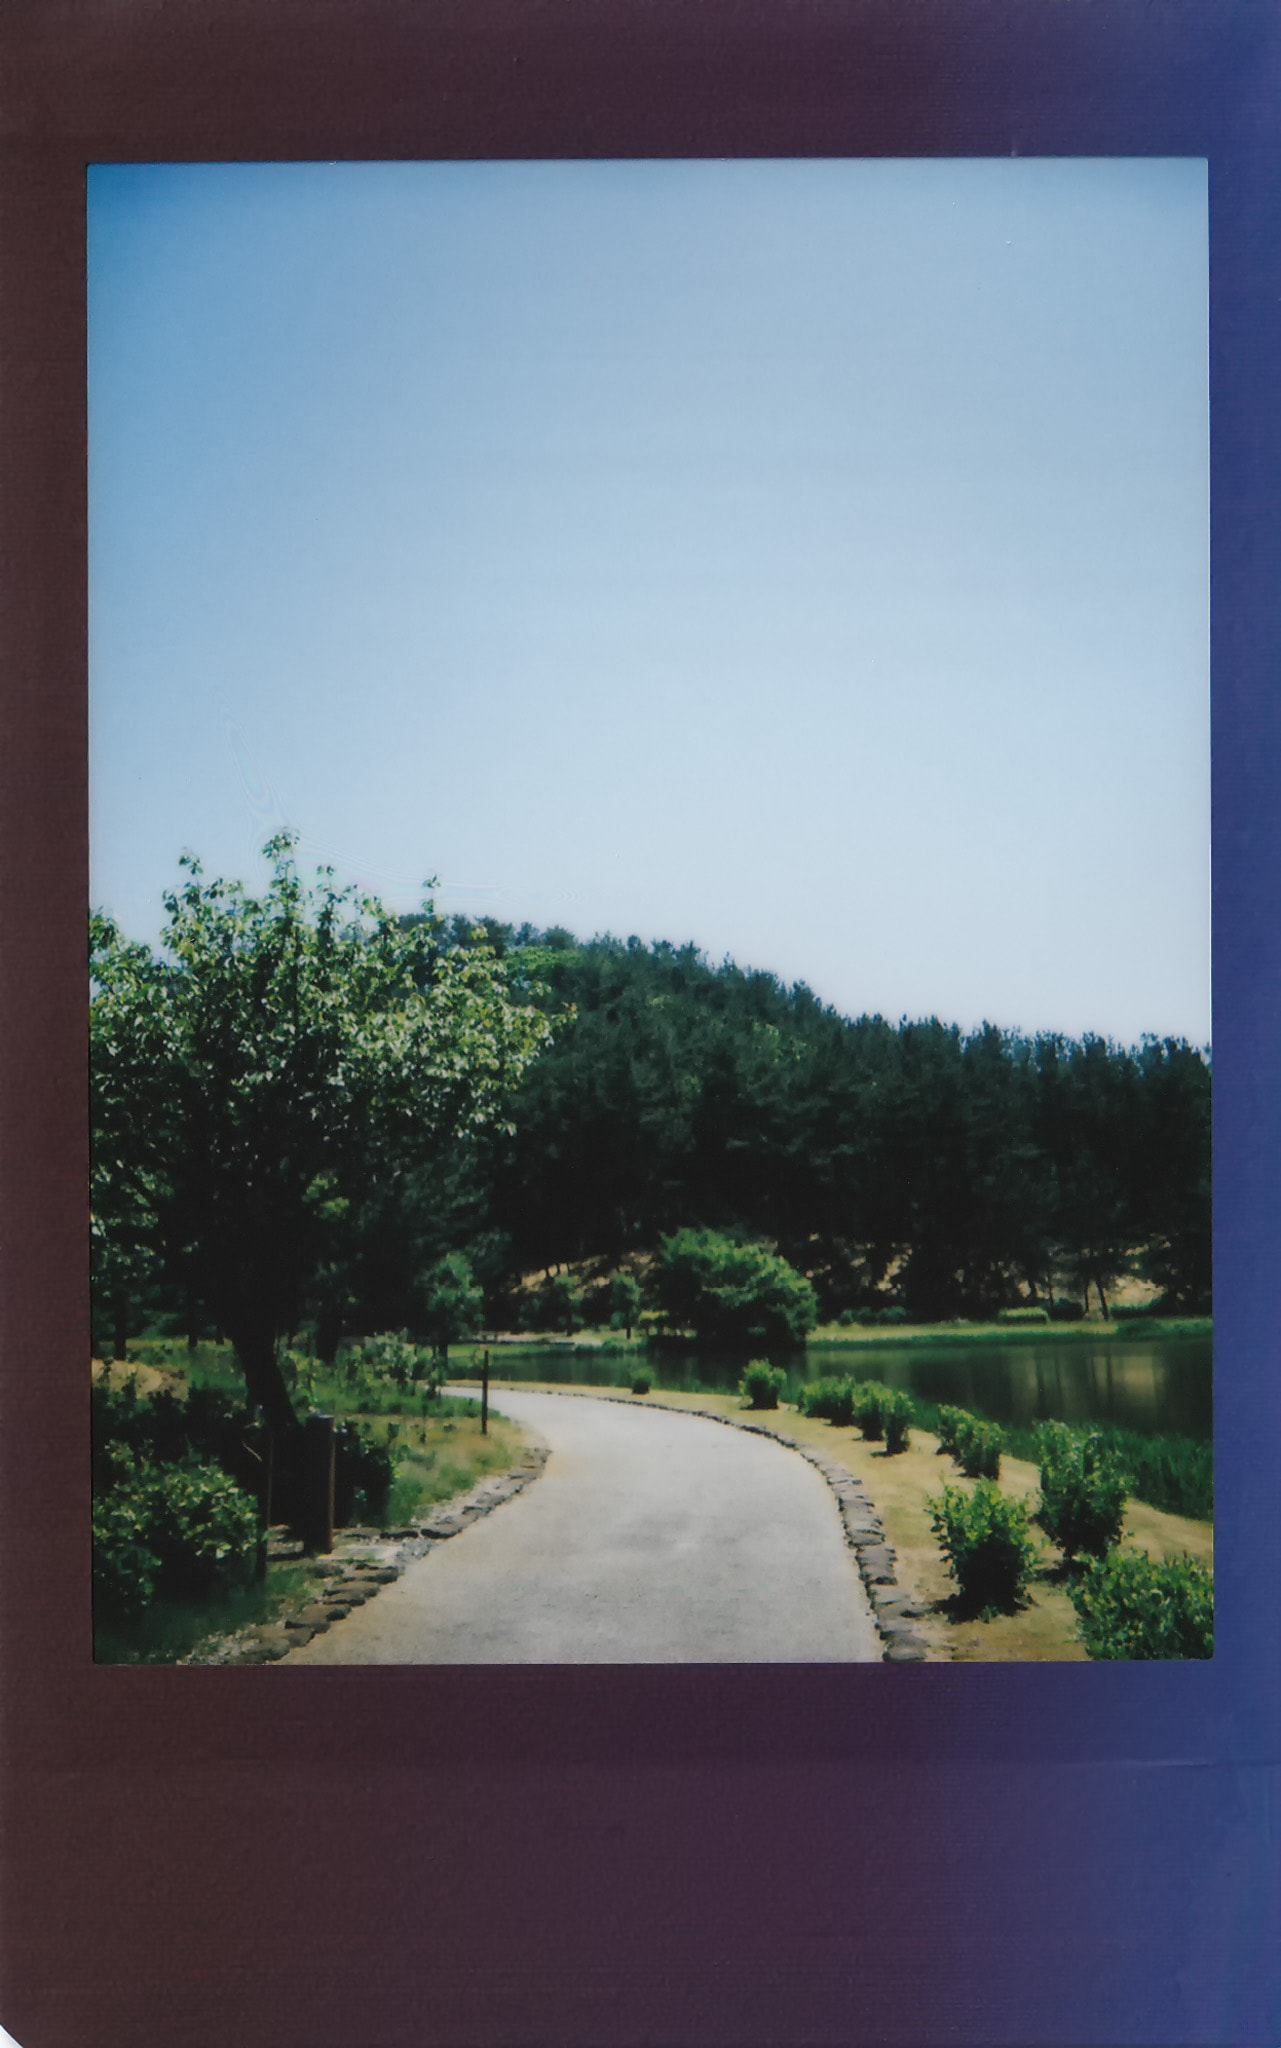 土門拳記念館にて2020-5-30 チェキフィルムにて撮影(その4)